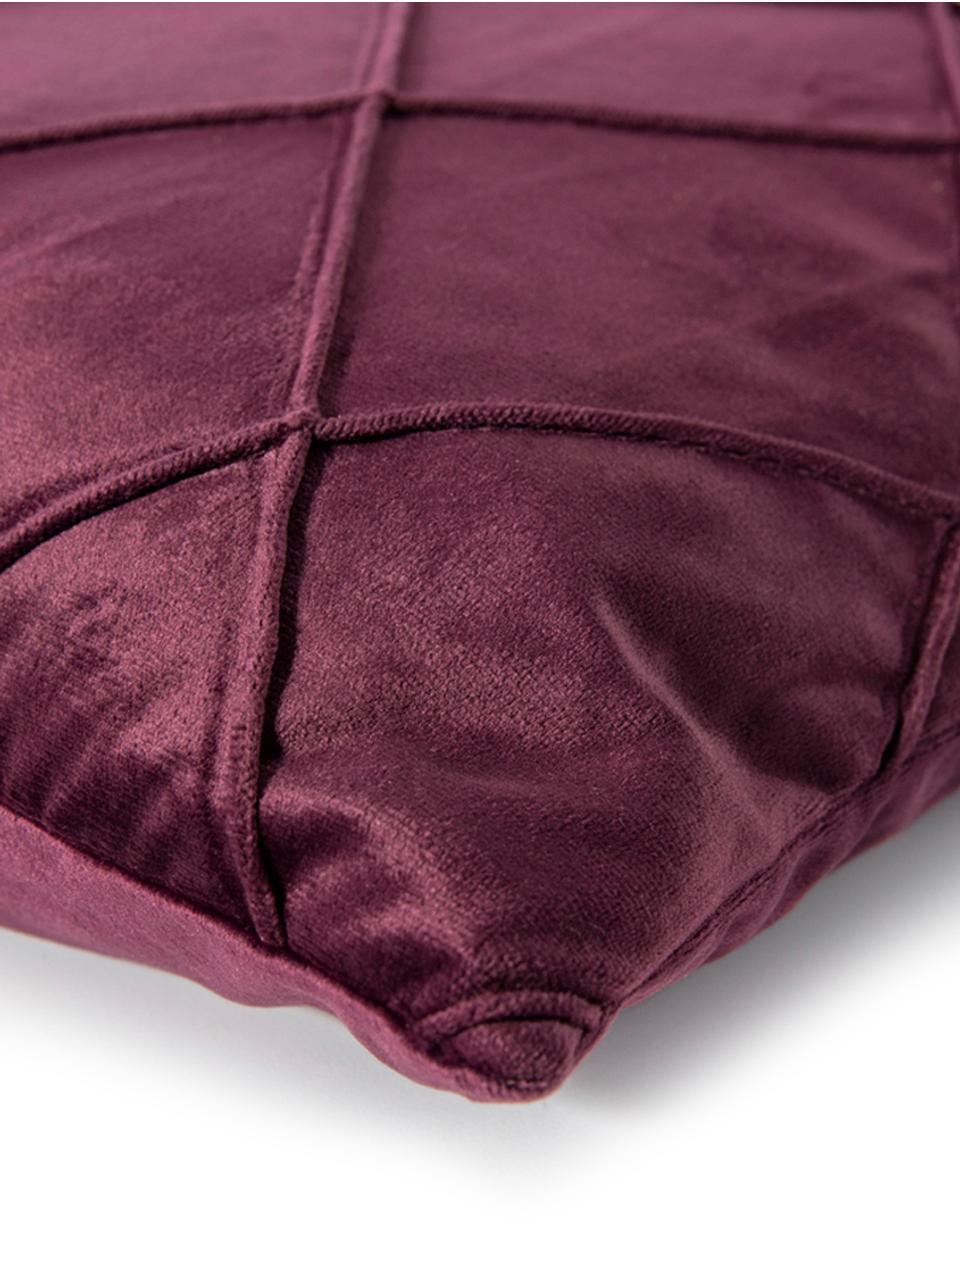 Federa arredo in velluto con motivo a rombi Nobless, 100% velluto di poliestere, Vino rosso, Larg. 50 x Lung. 50 cm